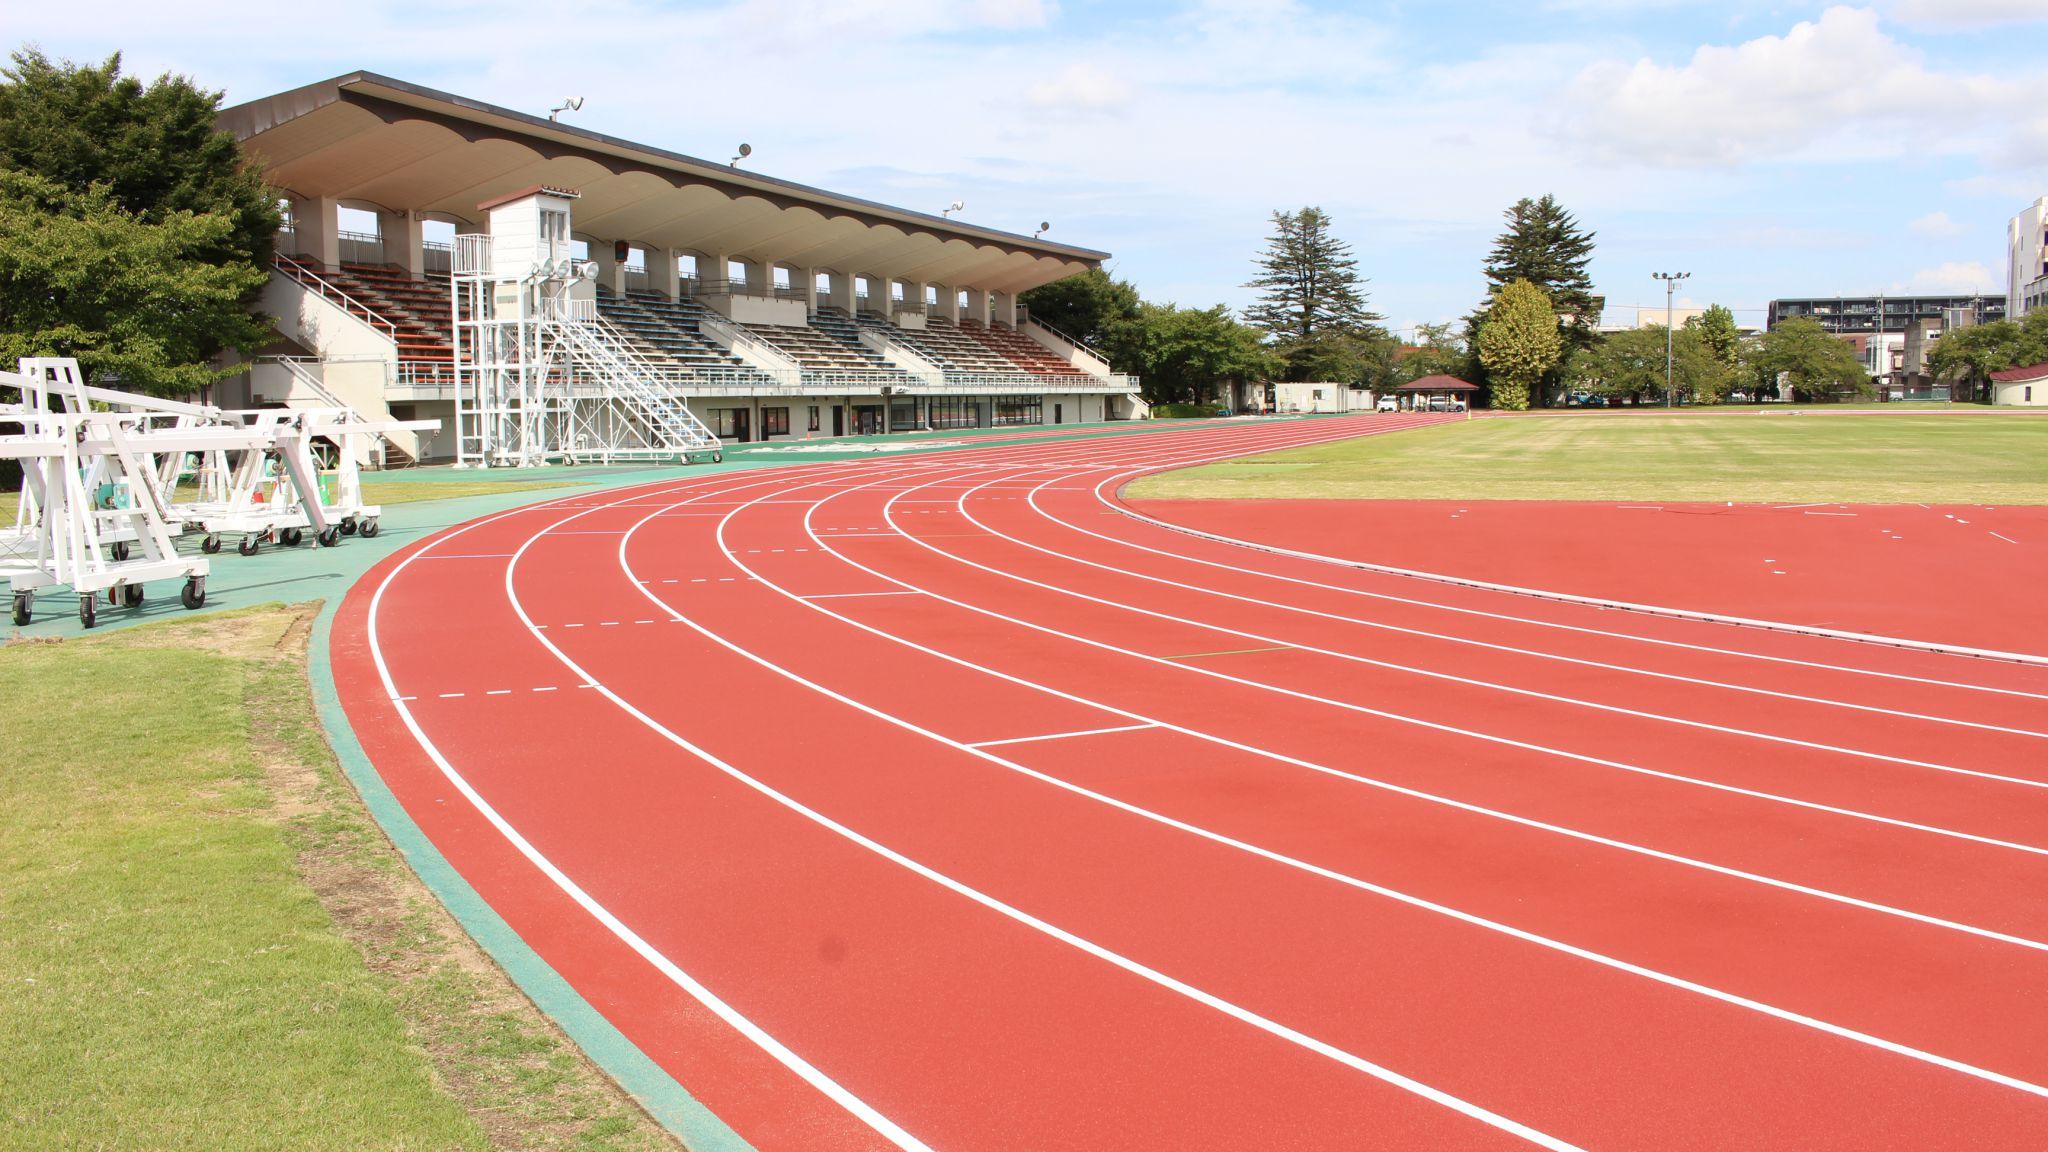 金沢市営陸上競技場 – かなざわスポーツねっと